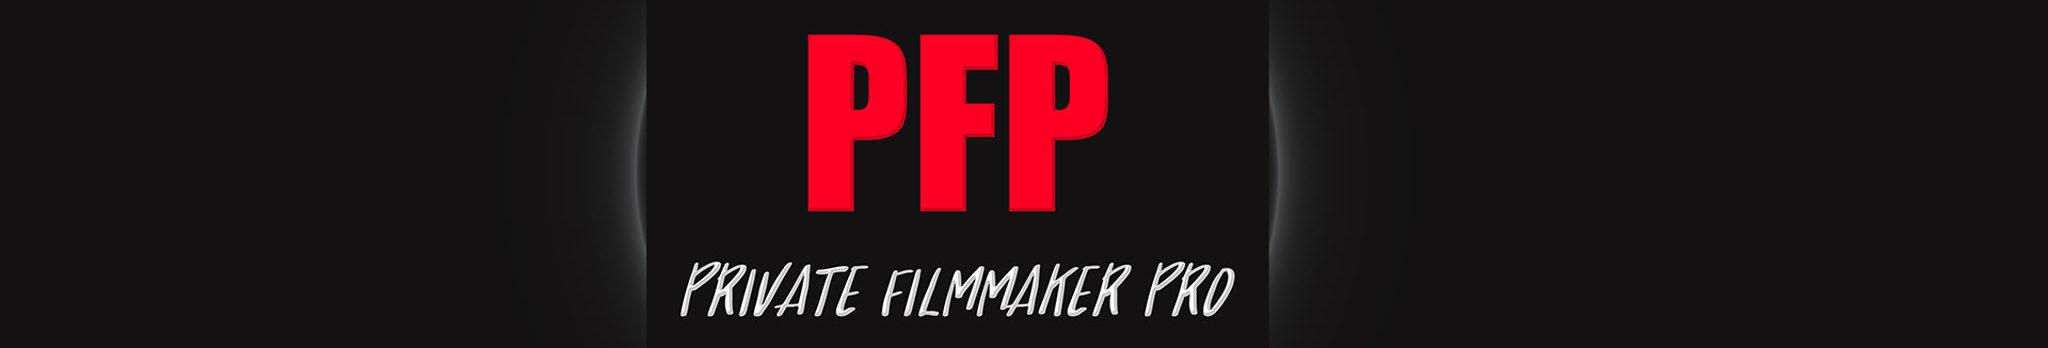 動画の制作方法の解説ブログ|PHP Private Filmmaker Pro